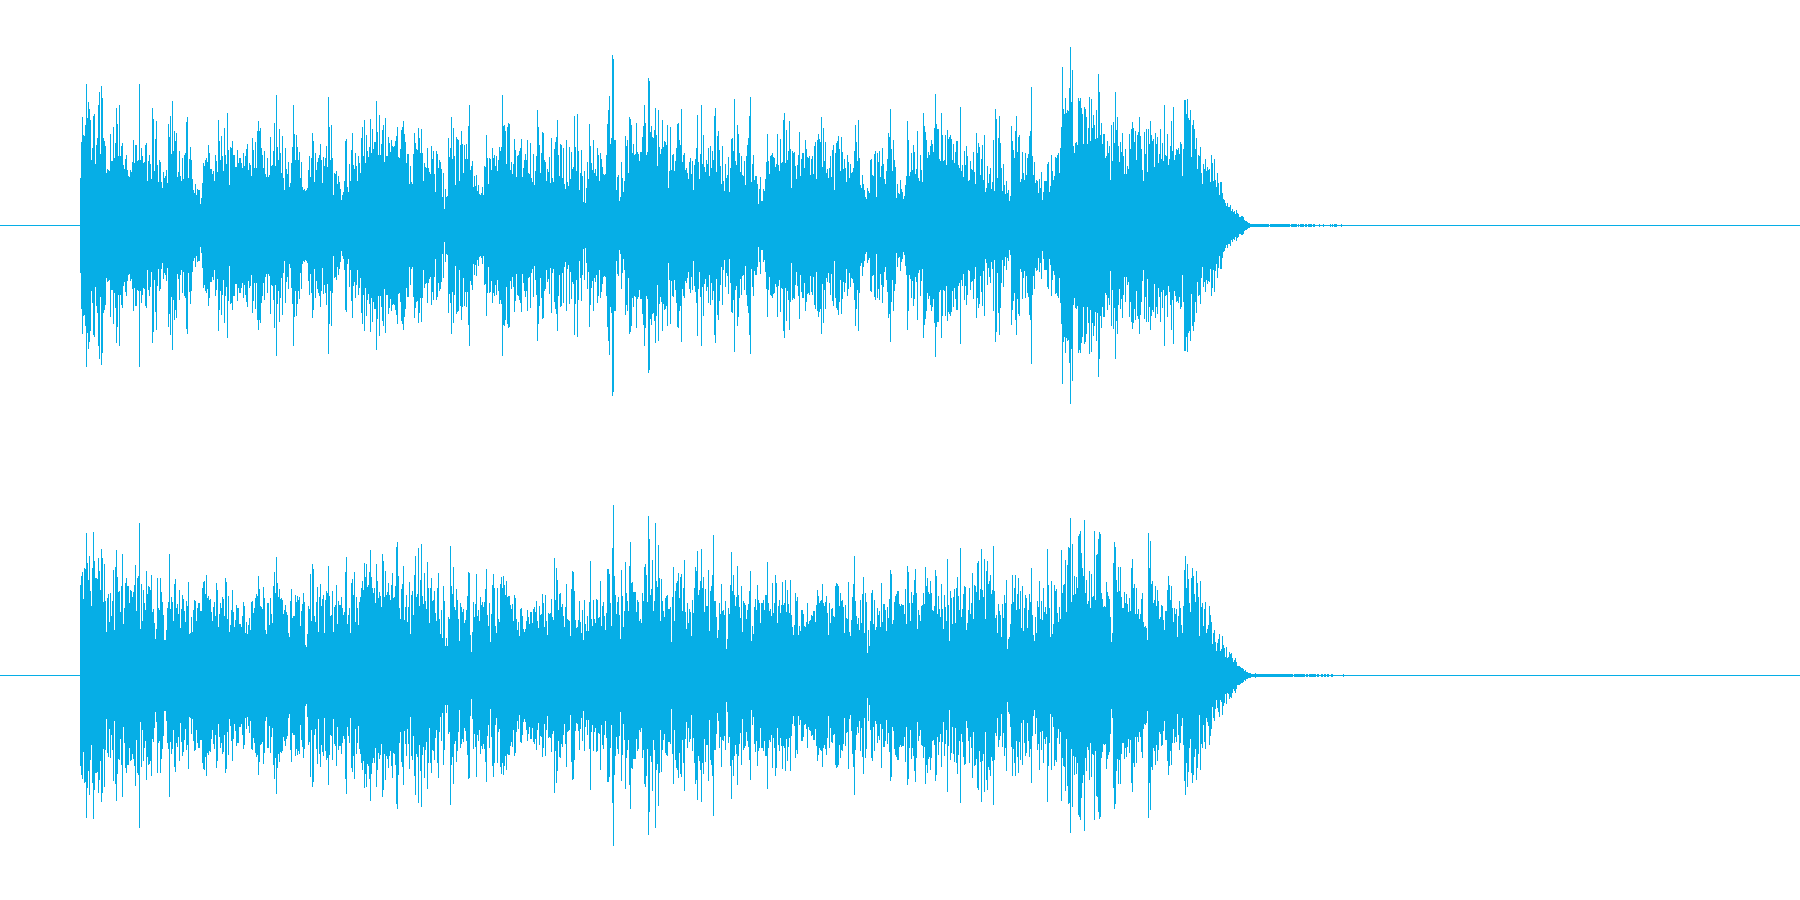 弾ける勢いのあるミュージックの再生済みの波形